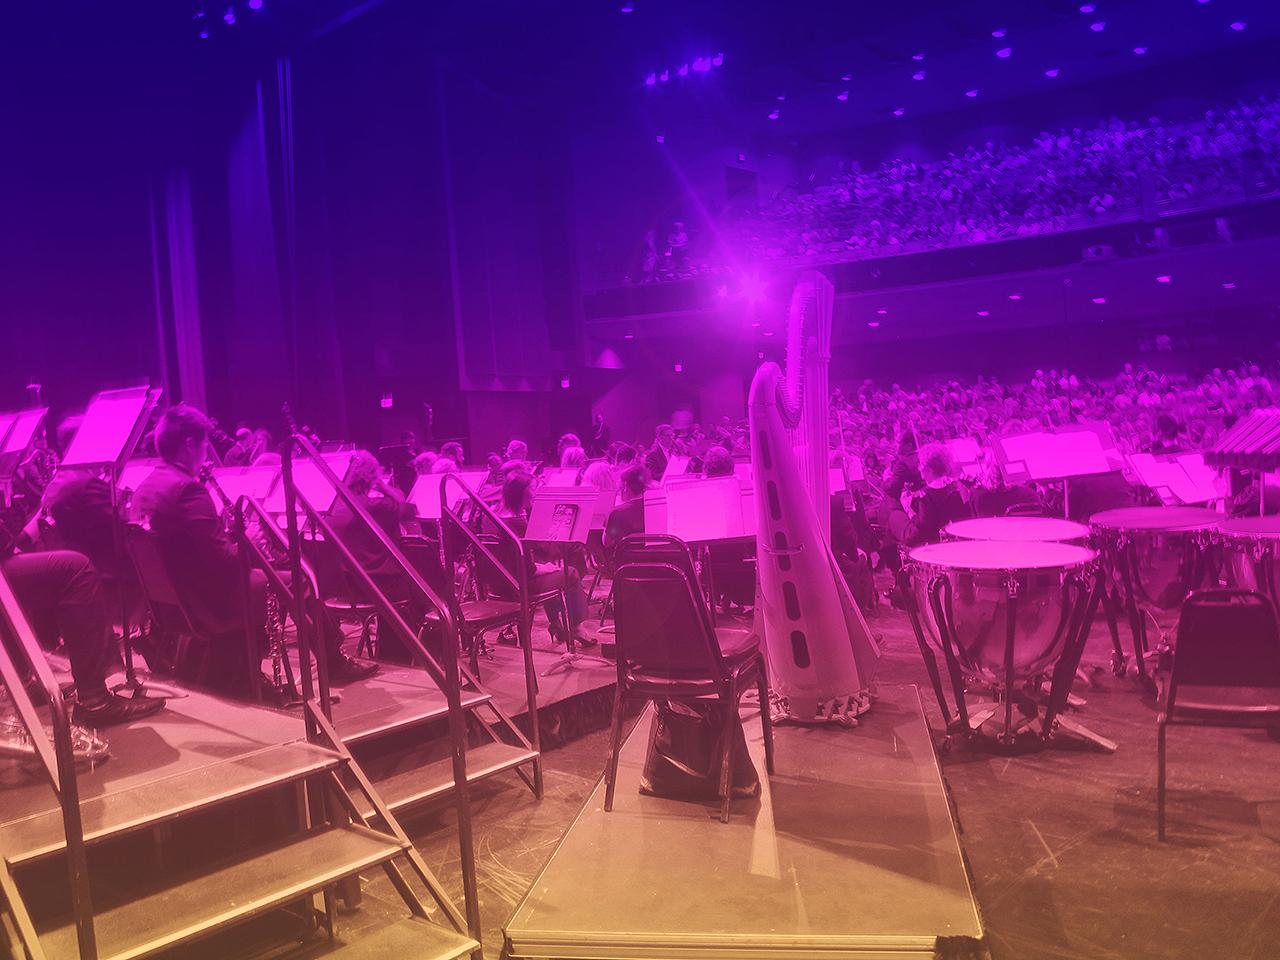 symphony-purple-2